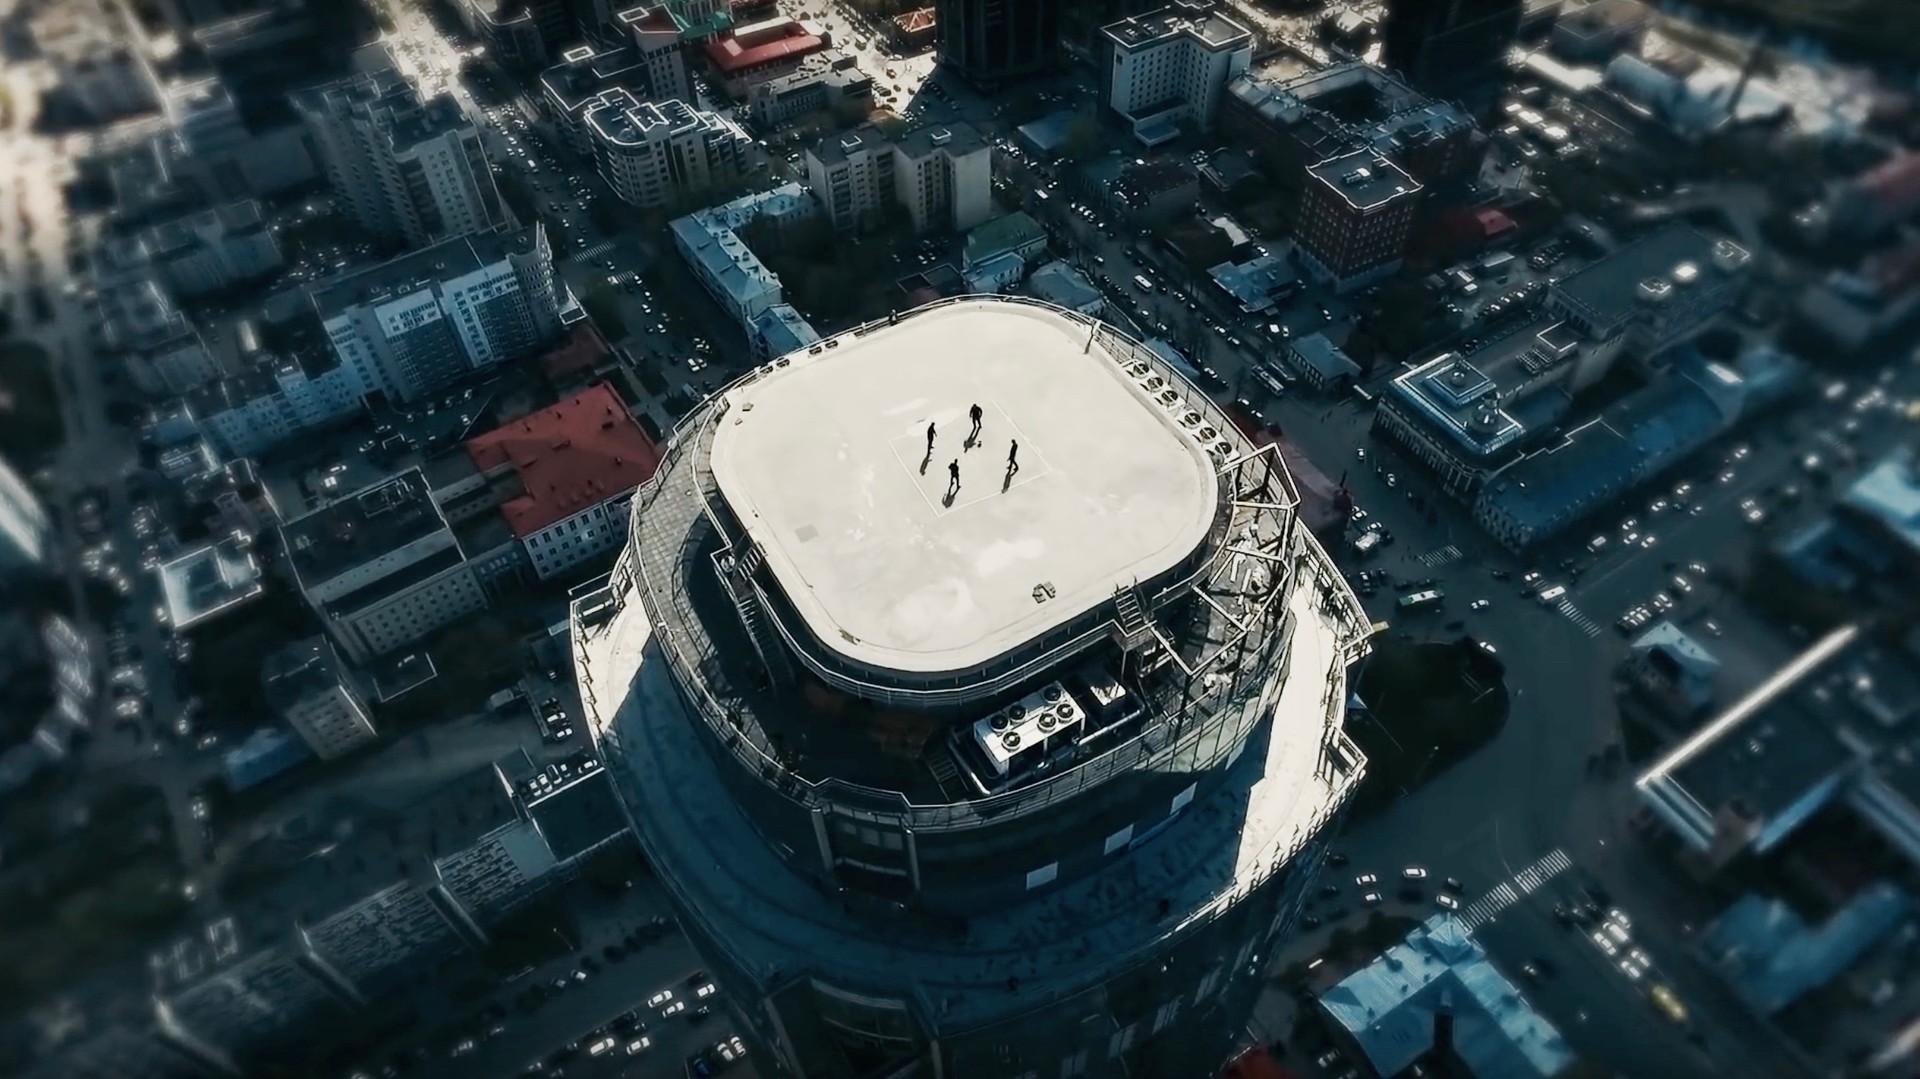 «Давай поженимся» Шараповой и футбол на крыше небоскрёба: околоспортивные события недели